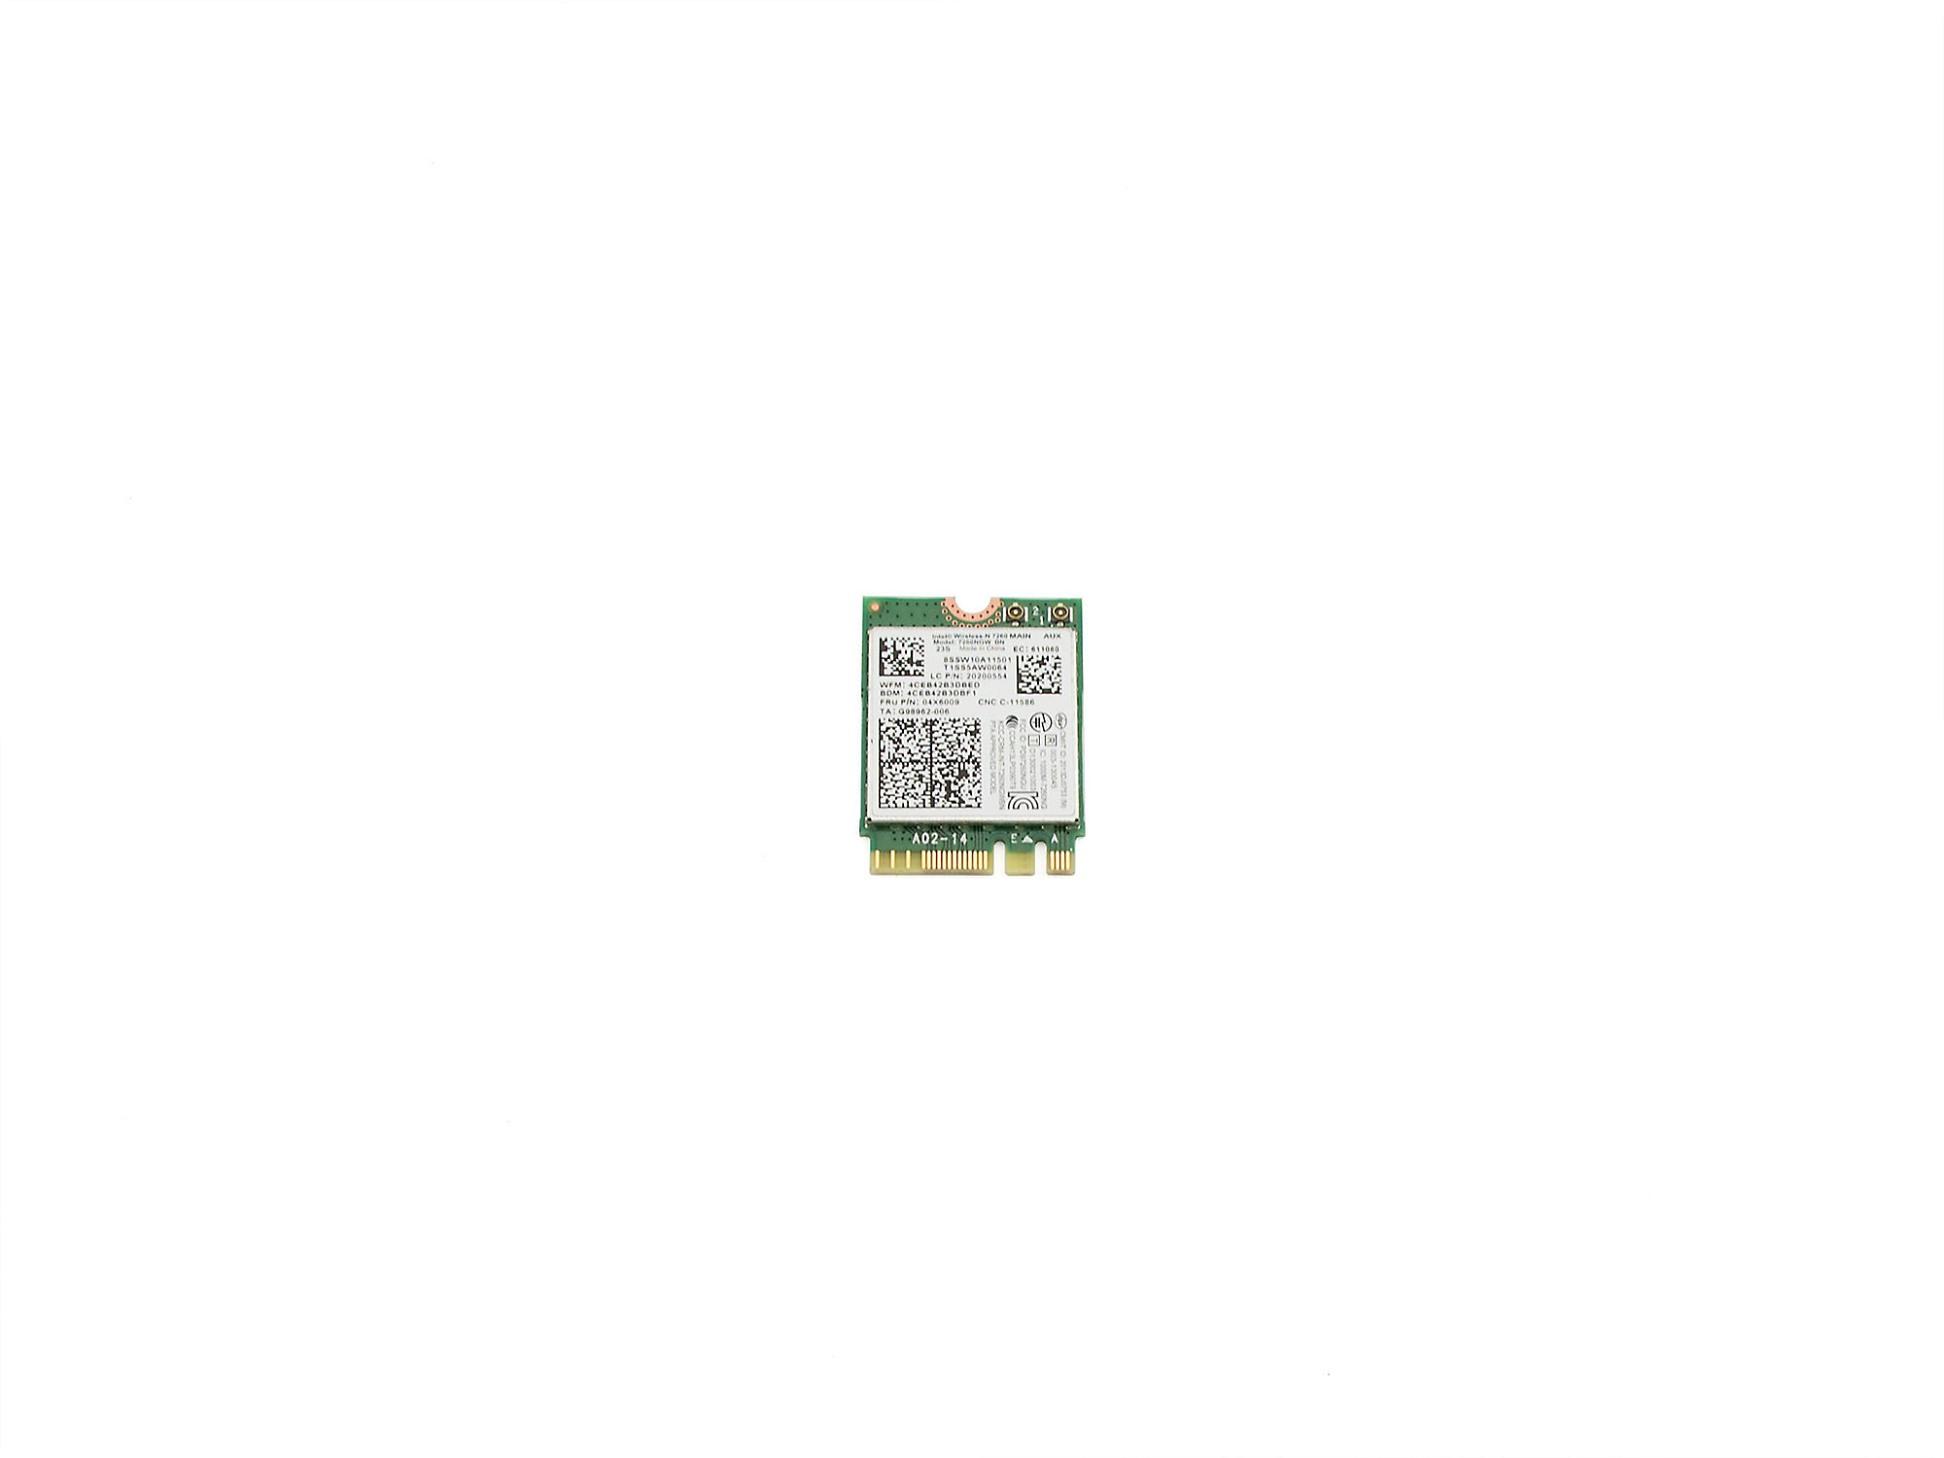 Intel Wireless-N 7260 MAIN für Lenovo ThinkPad X1 Carbon (20A7/20A8) Serie